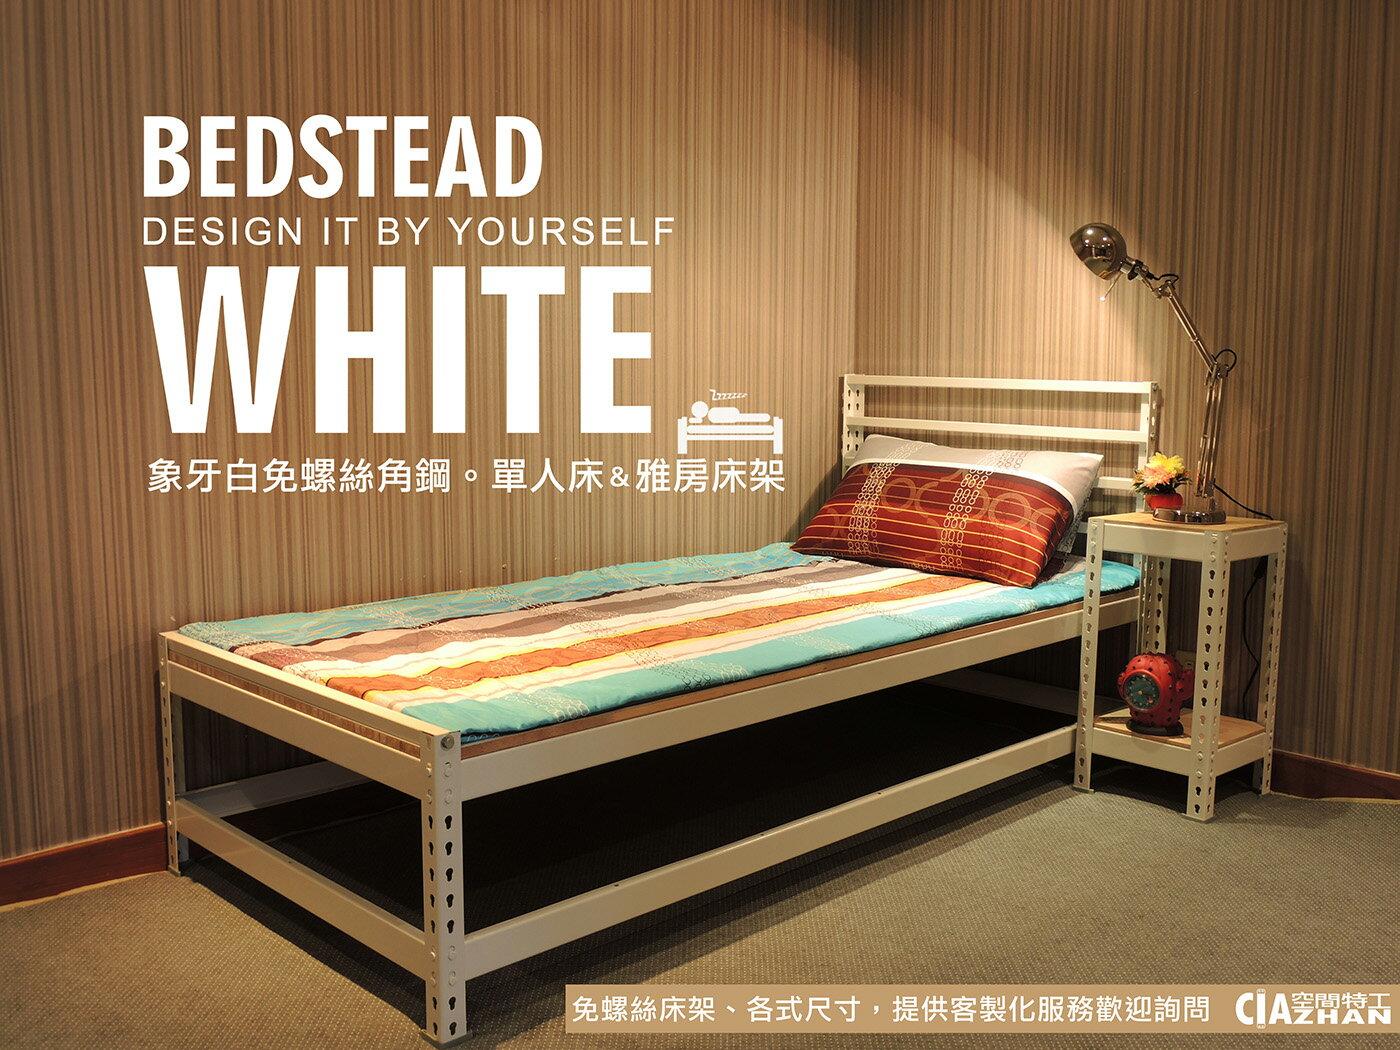 ♞空間特工♞北歐風 3尺單人床 象牙白床架 床台 寢具 免螺絲角鋼床架 床鋪 床板 可訂製